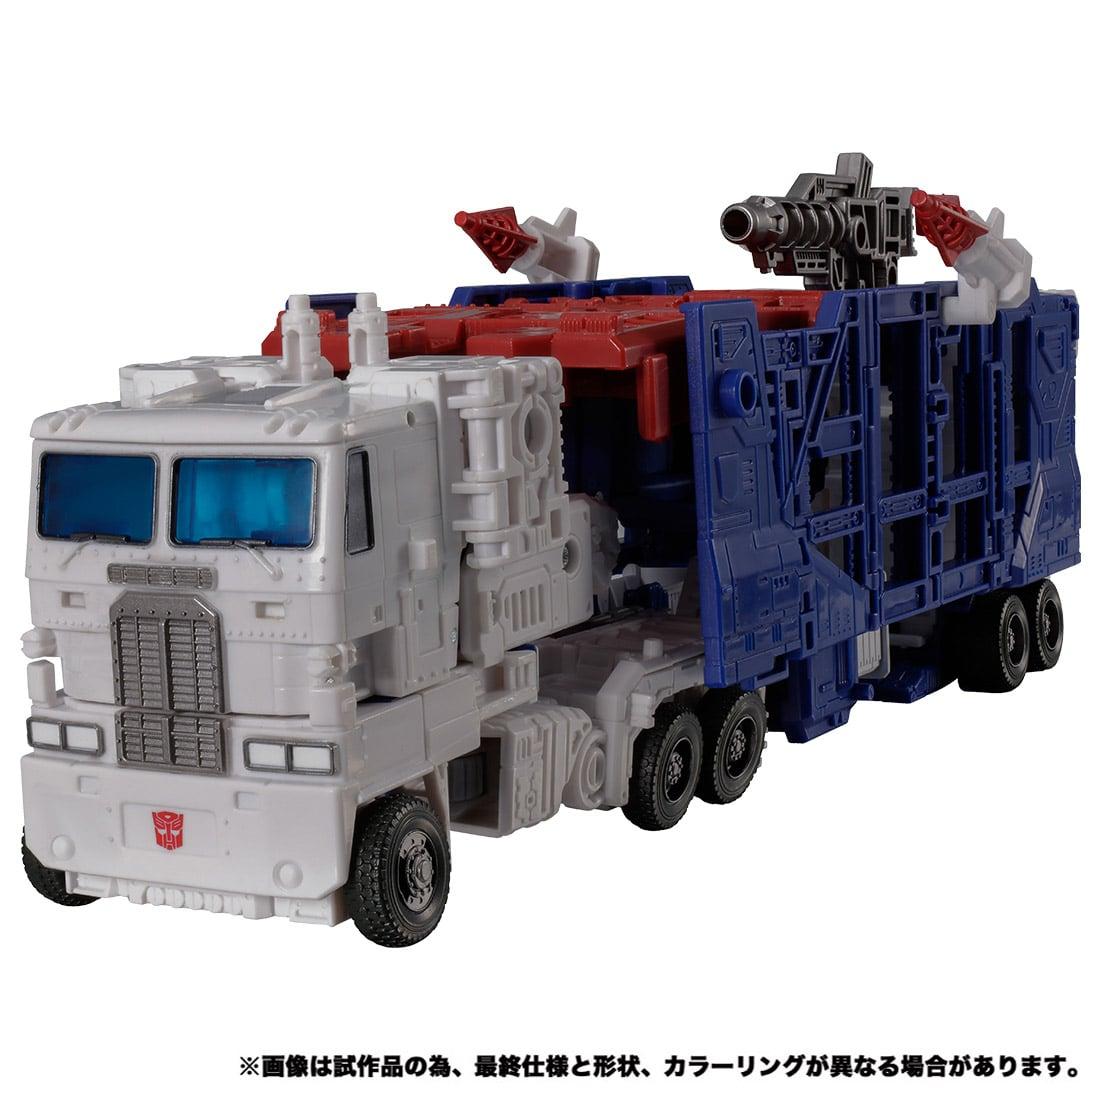 トランスフォーマー キングダム『KD-11 ウルトラマグナス』可変可動フィギュア-004